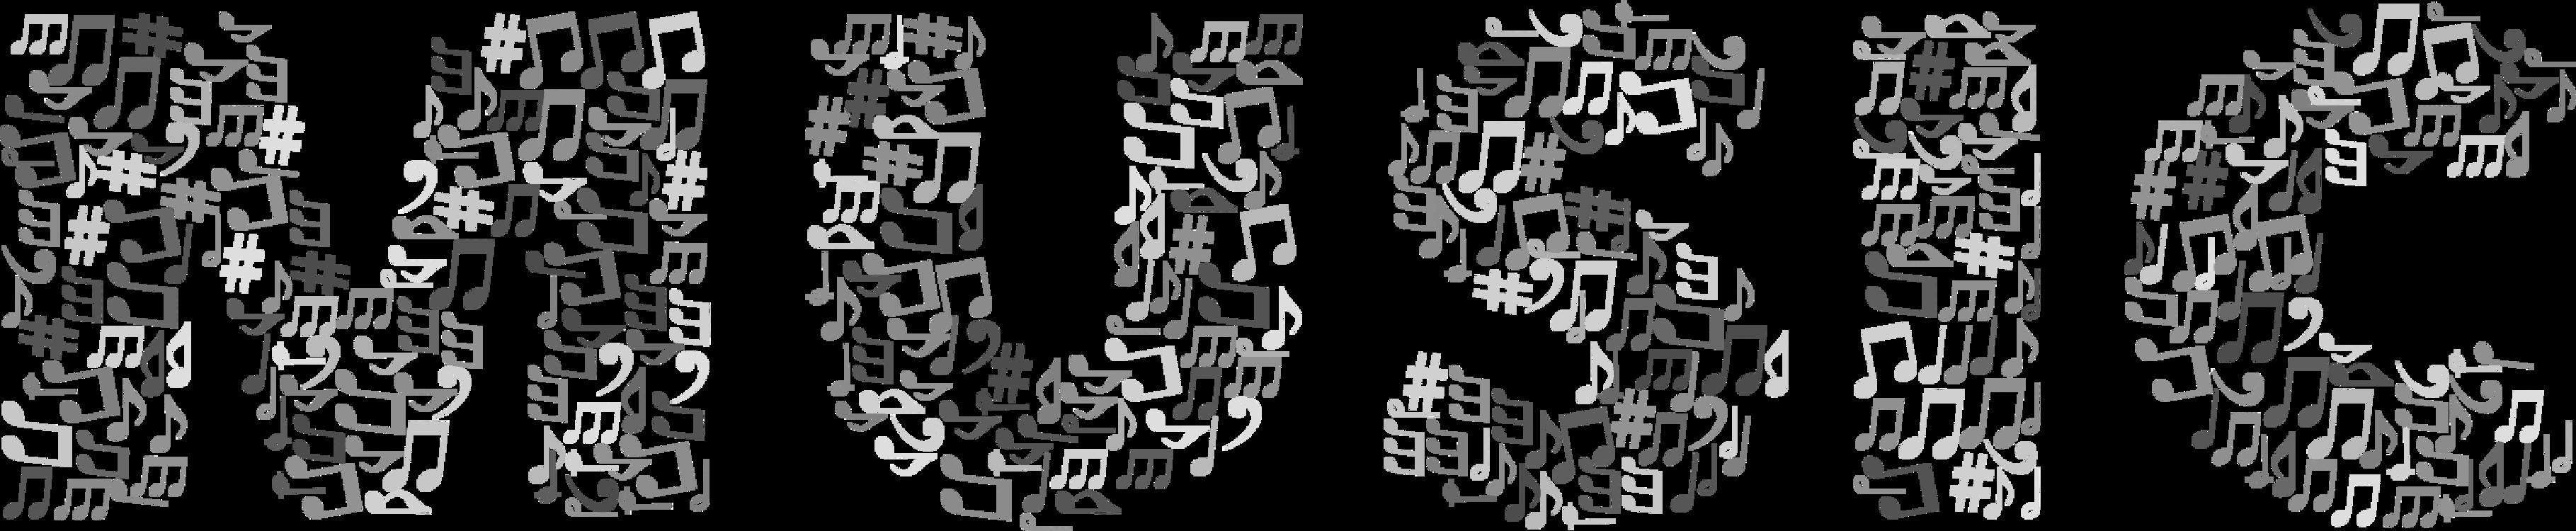 Line Art,Calligraphy,Angle